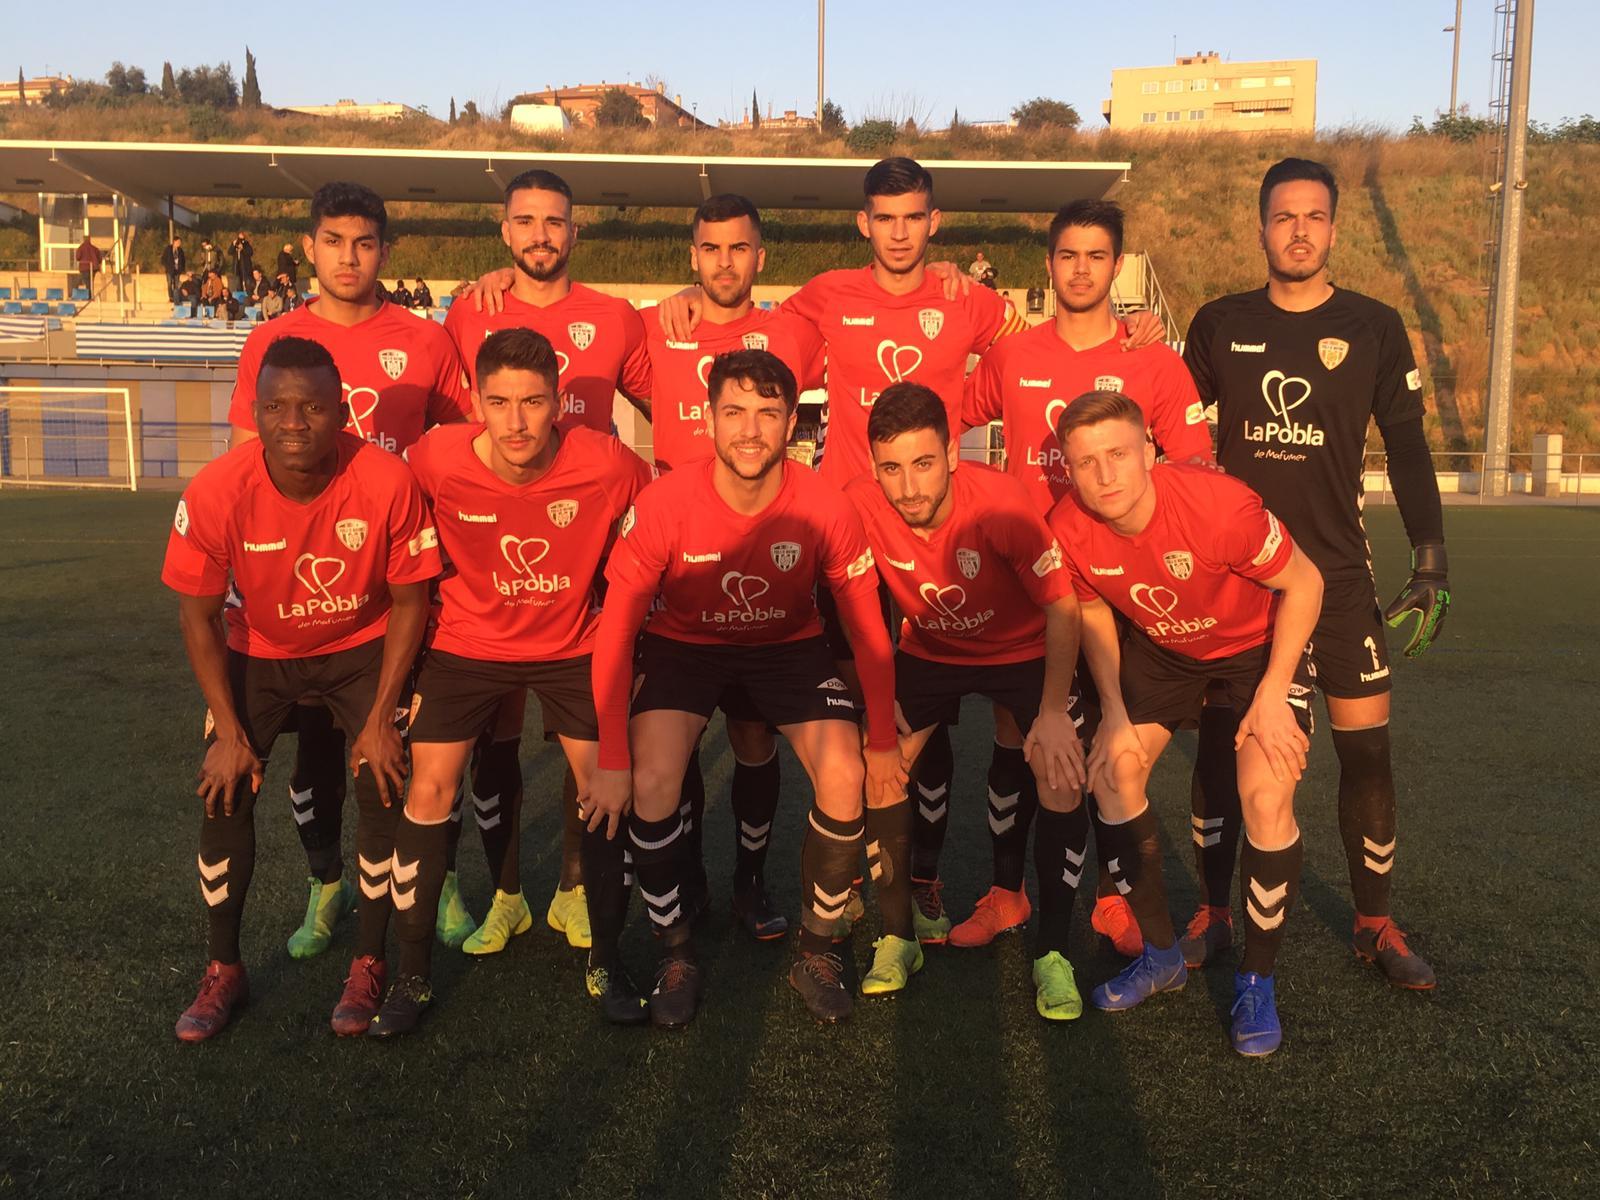 Victòria del CF Pobla de Mafumet davant el Santfeliuenc per 2 a 3